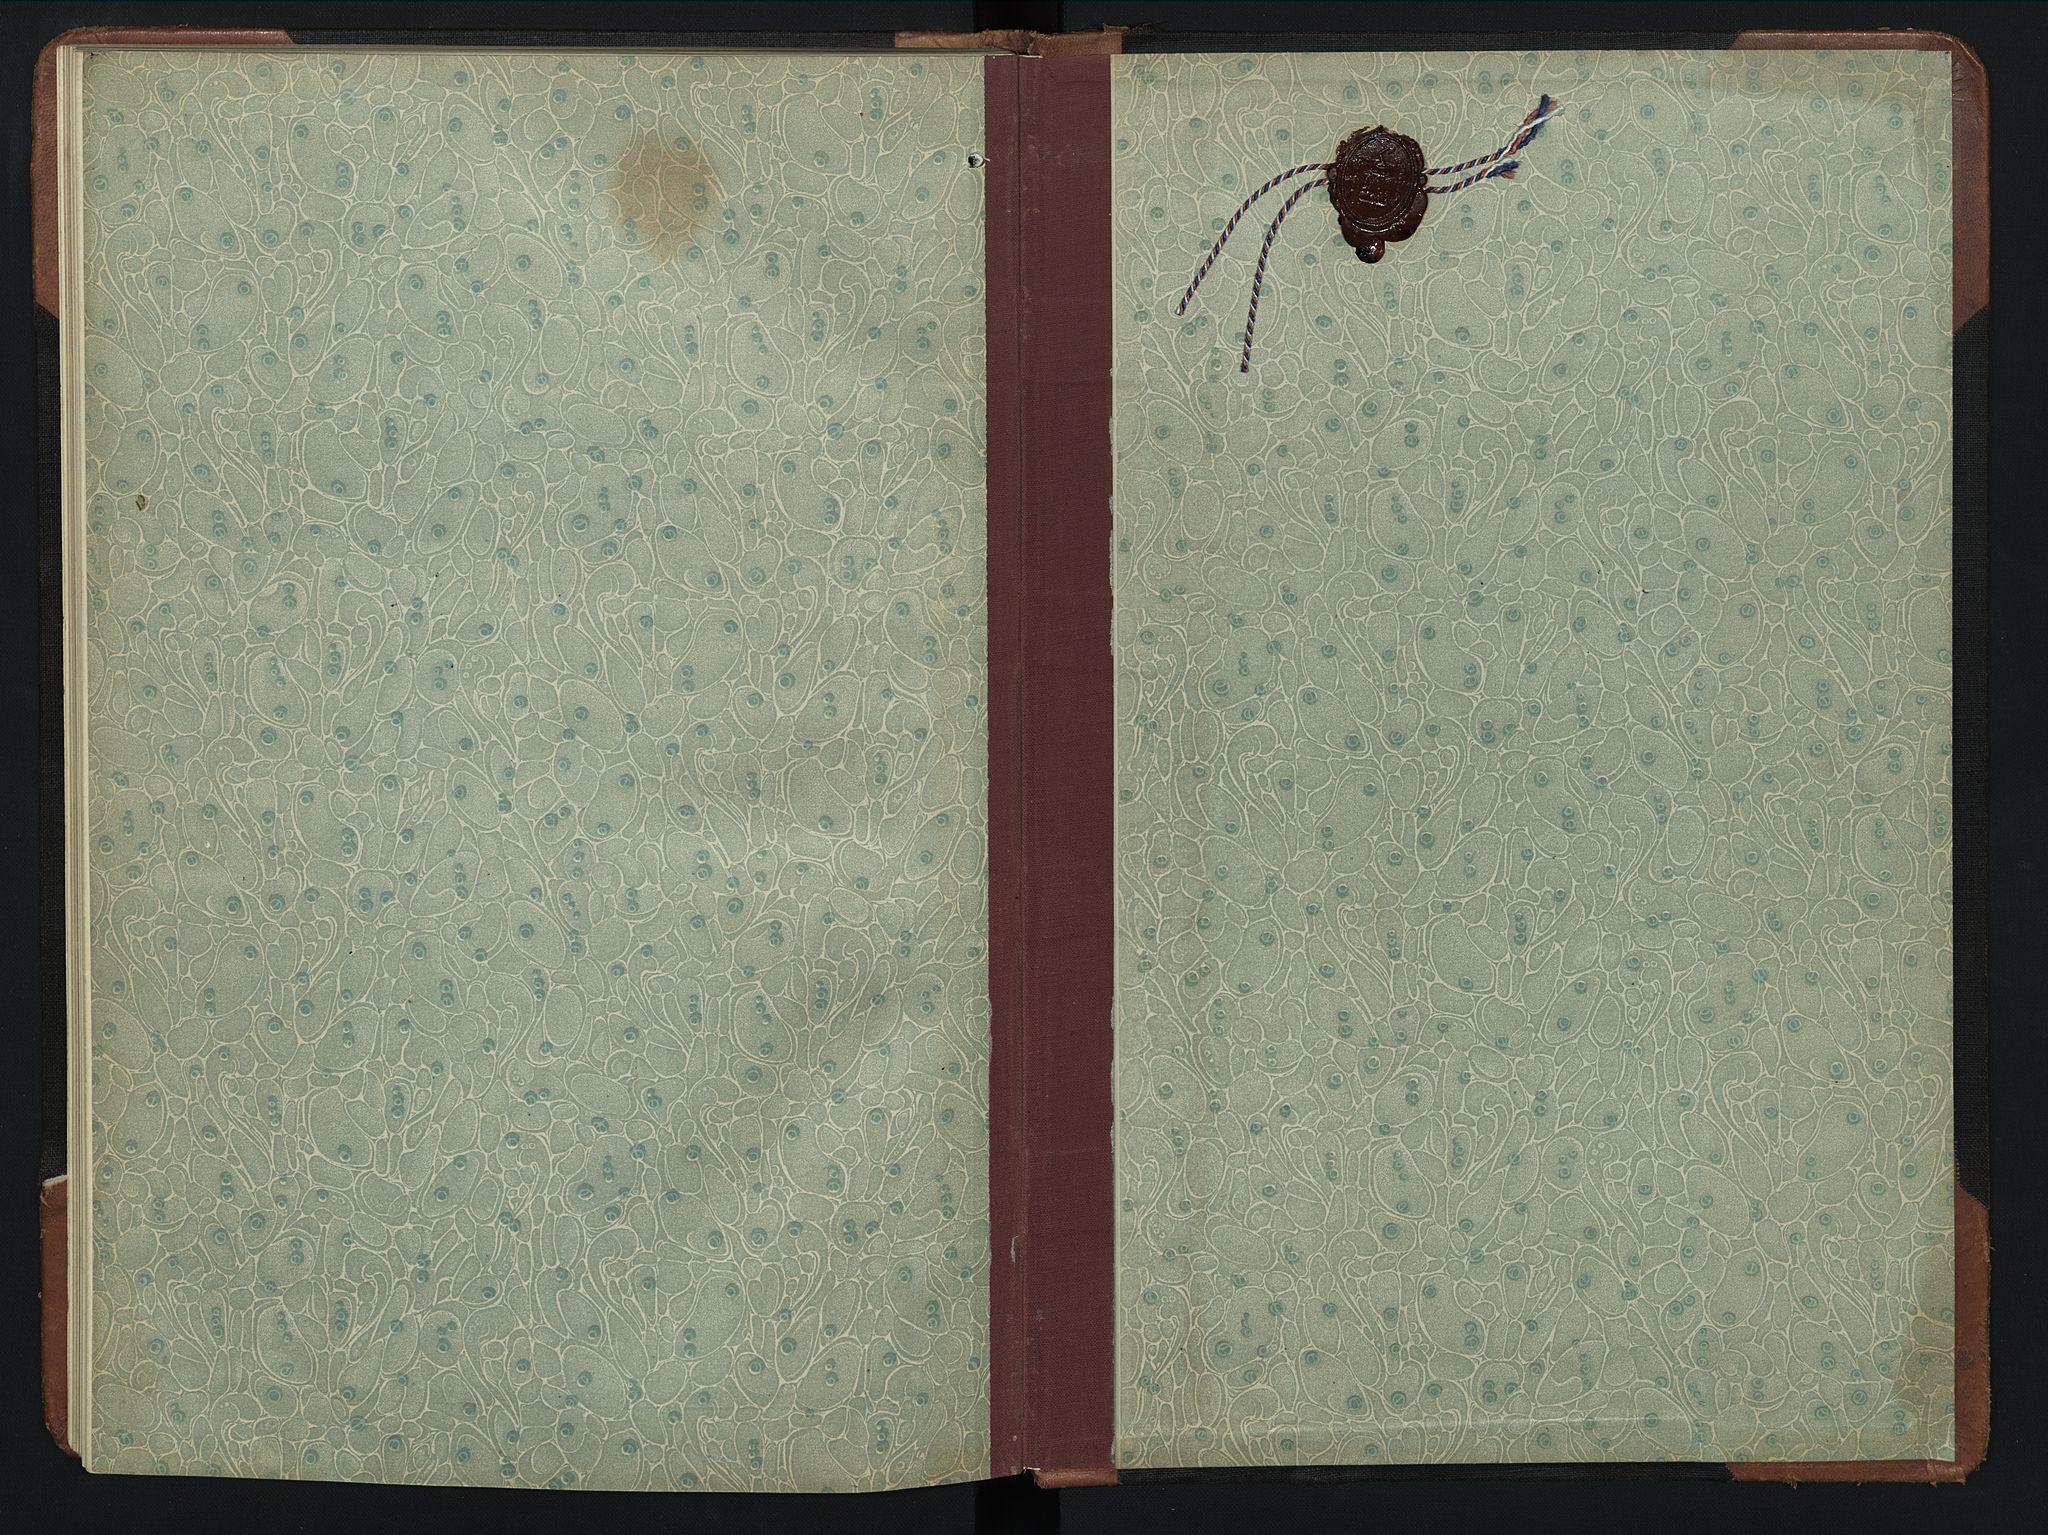 SAH, Rendalen prestekontor, H/Ha/Hab/L0008: Klokkerbok nr. 8, 1914-1948